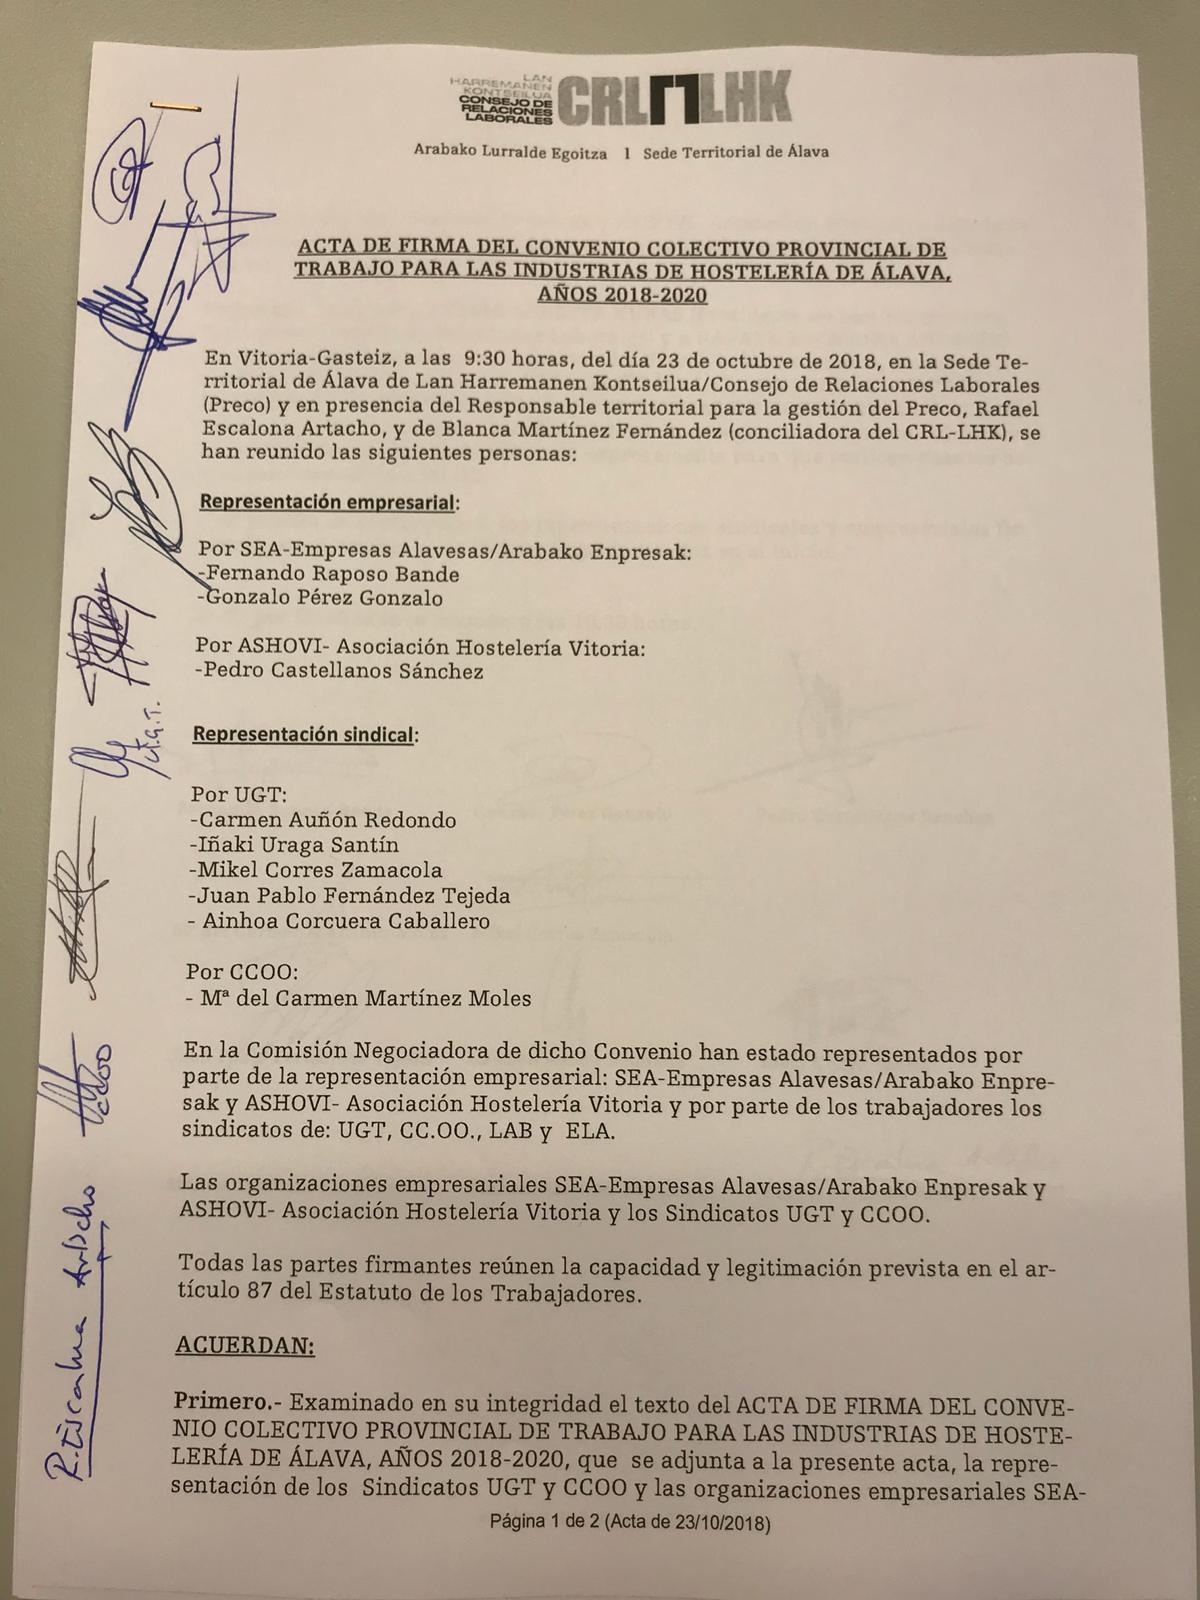 Calendario Laboral Alava 2020.Laboral Y Negociacion Colectiva Sea Empresas Alavesas